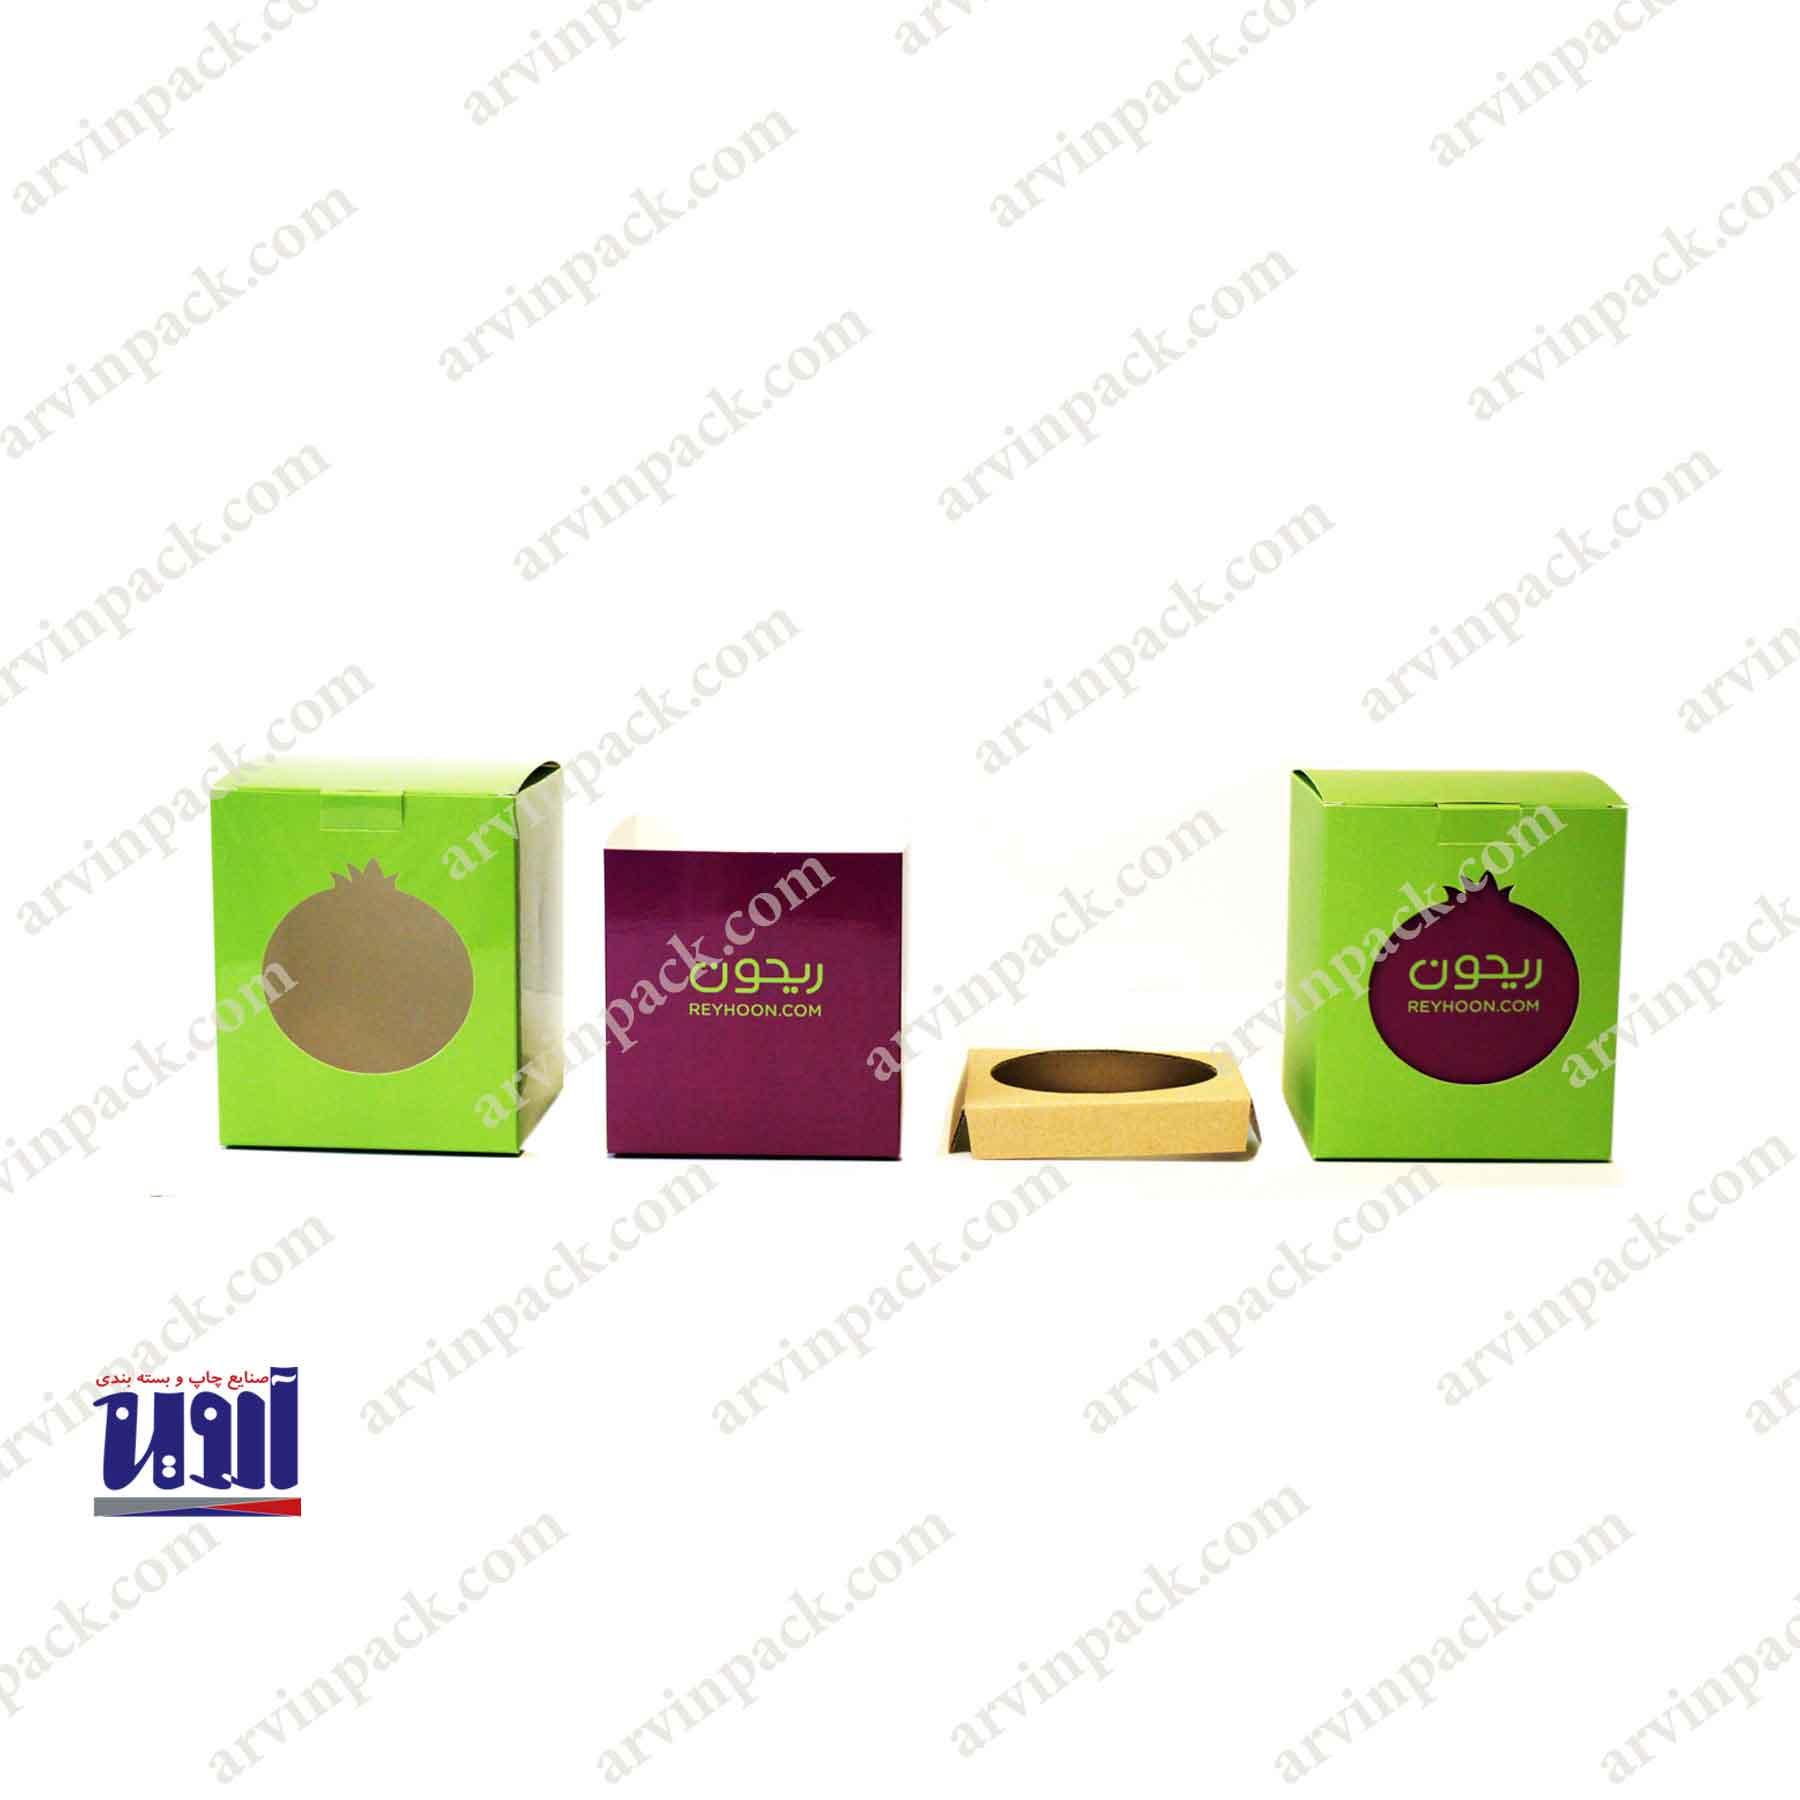 جعبه انار ریحون ، جعبه انار ، کارتن انار ، جعبه میوه ، کارتن میوه